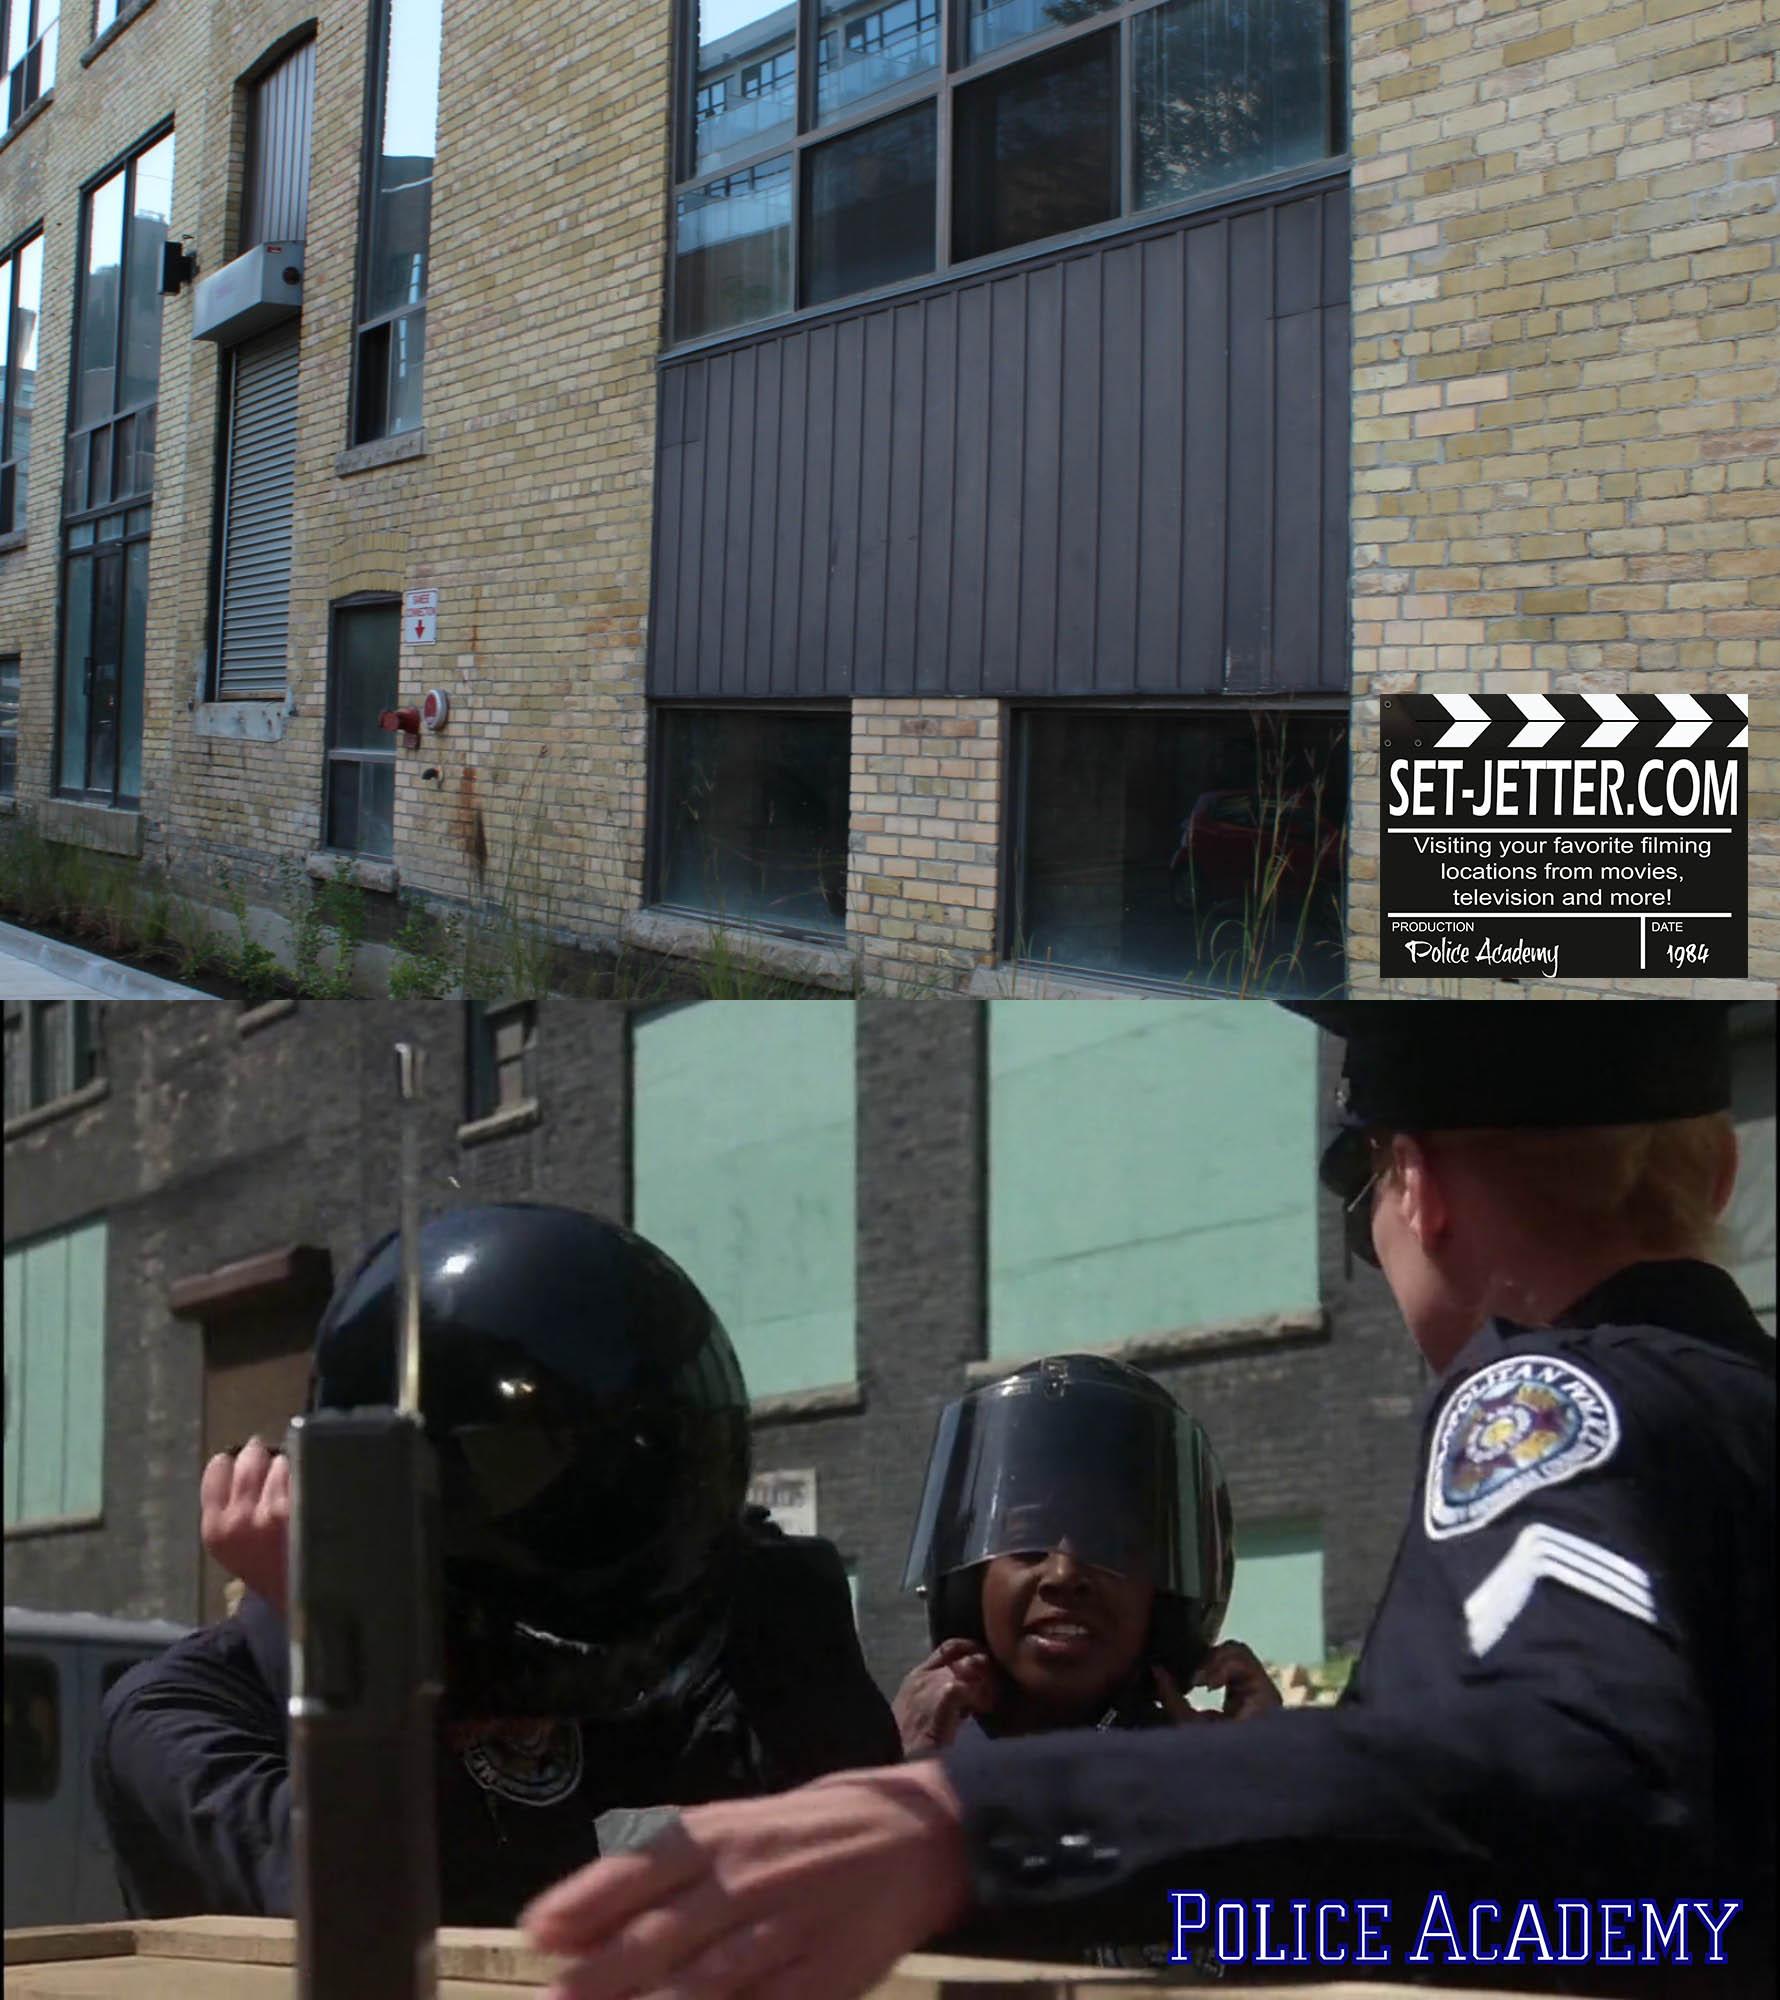 Police Academy 069.jpg